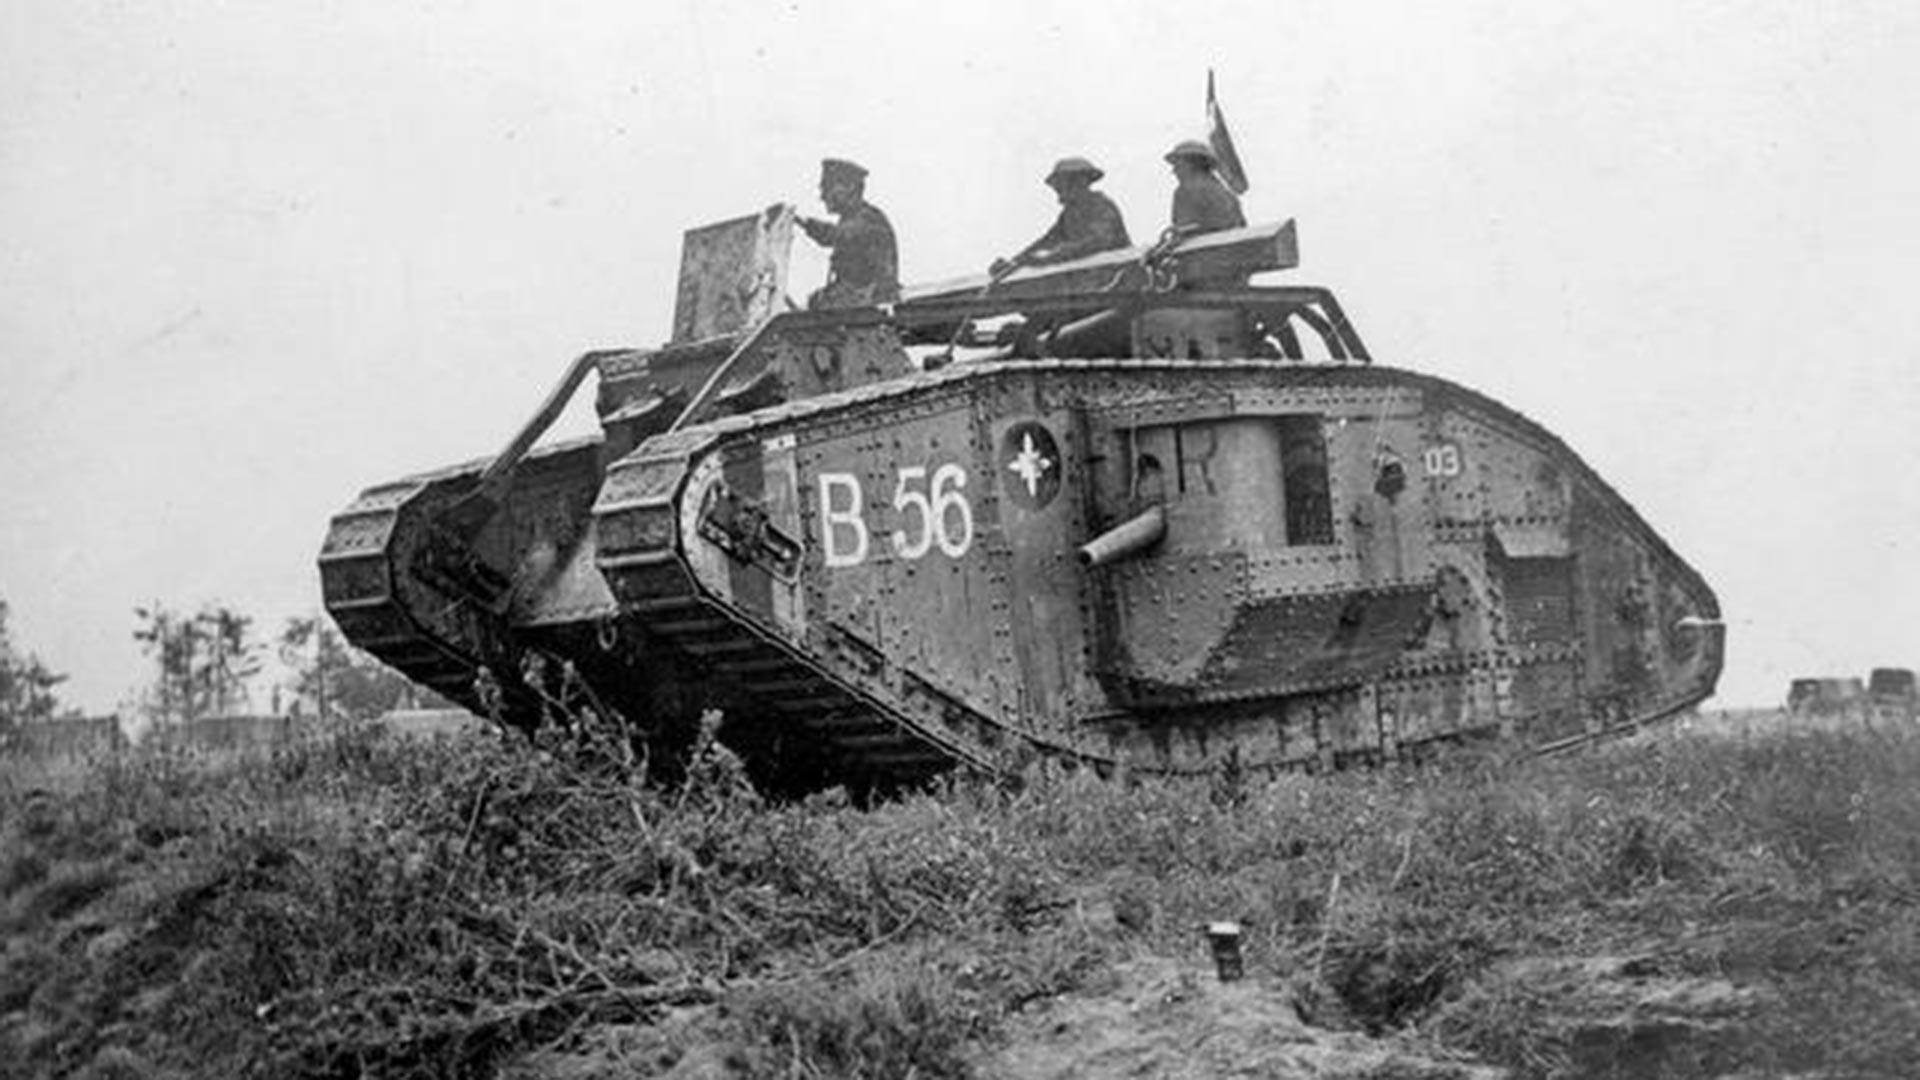 Ein britischer Mark-V-Panzer.